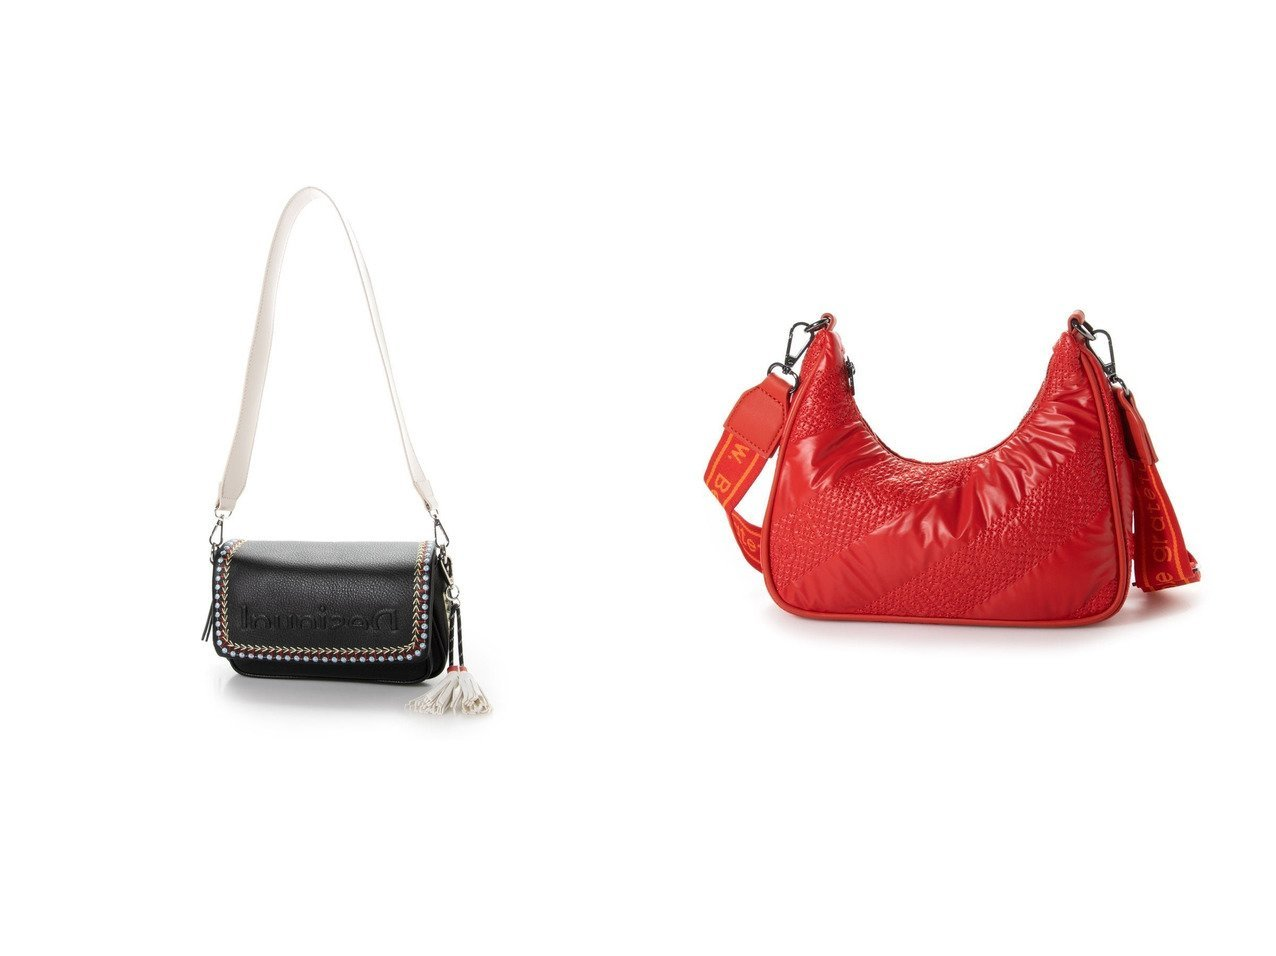 【Desigual/デシグアル】のクロスボディーバッグ GETAWAY TROMSO&ショルダーバッグ TAIPEI MEDLEY バッグ・鞄のおすすめ!人気、トレンド・レディースファッションの通販 おすすめで人気の流行・トレンド、ファッションの通販商品 メンズファッション・キッズファッション・インテリア・家具・レディースファッション・服の通販 founy(ファニー) https://founy.com/ ファッション Fashion レディースファッション WOMEN 2021年 2021 2021 春夏 S/S SS Spring/Summer 2021 S/S 春夏 SS Spring/Summer エスニック カラフル フリンジ ラップ 春 Spring テクスチャー プリント 無地 財布  ID:crp329100000016341